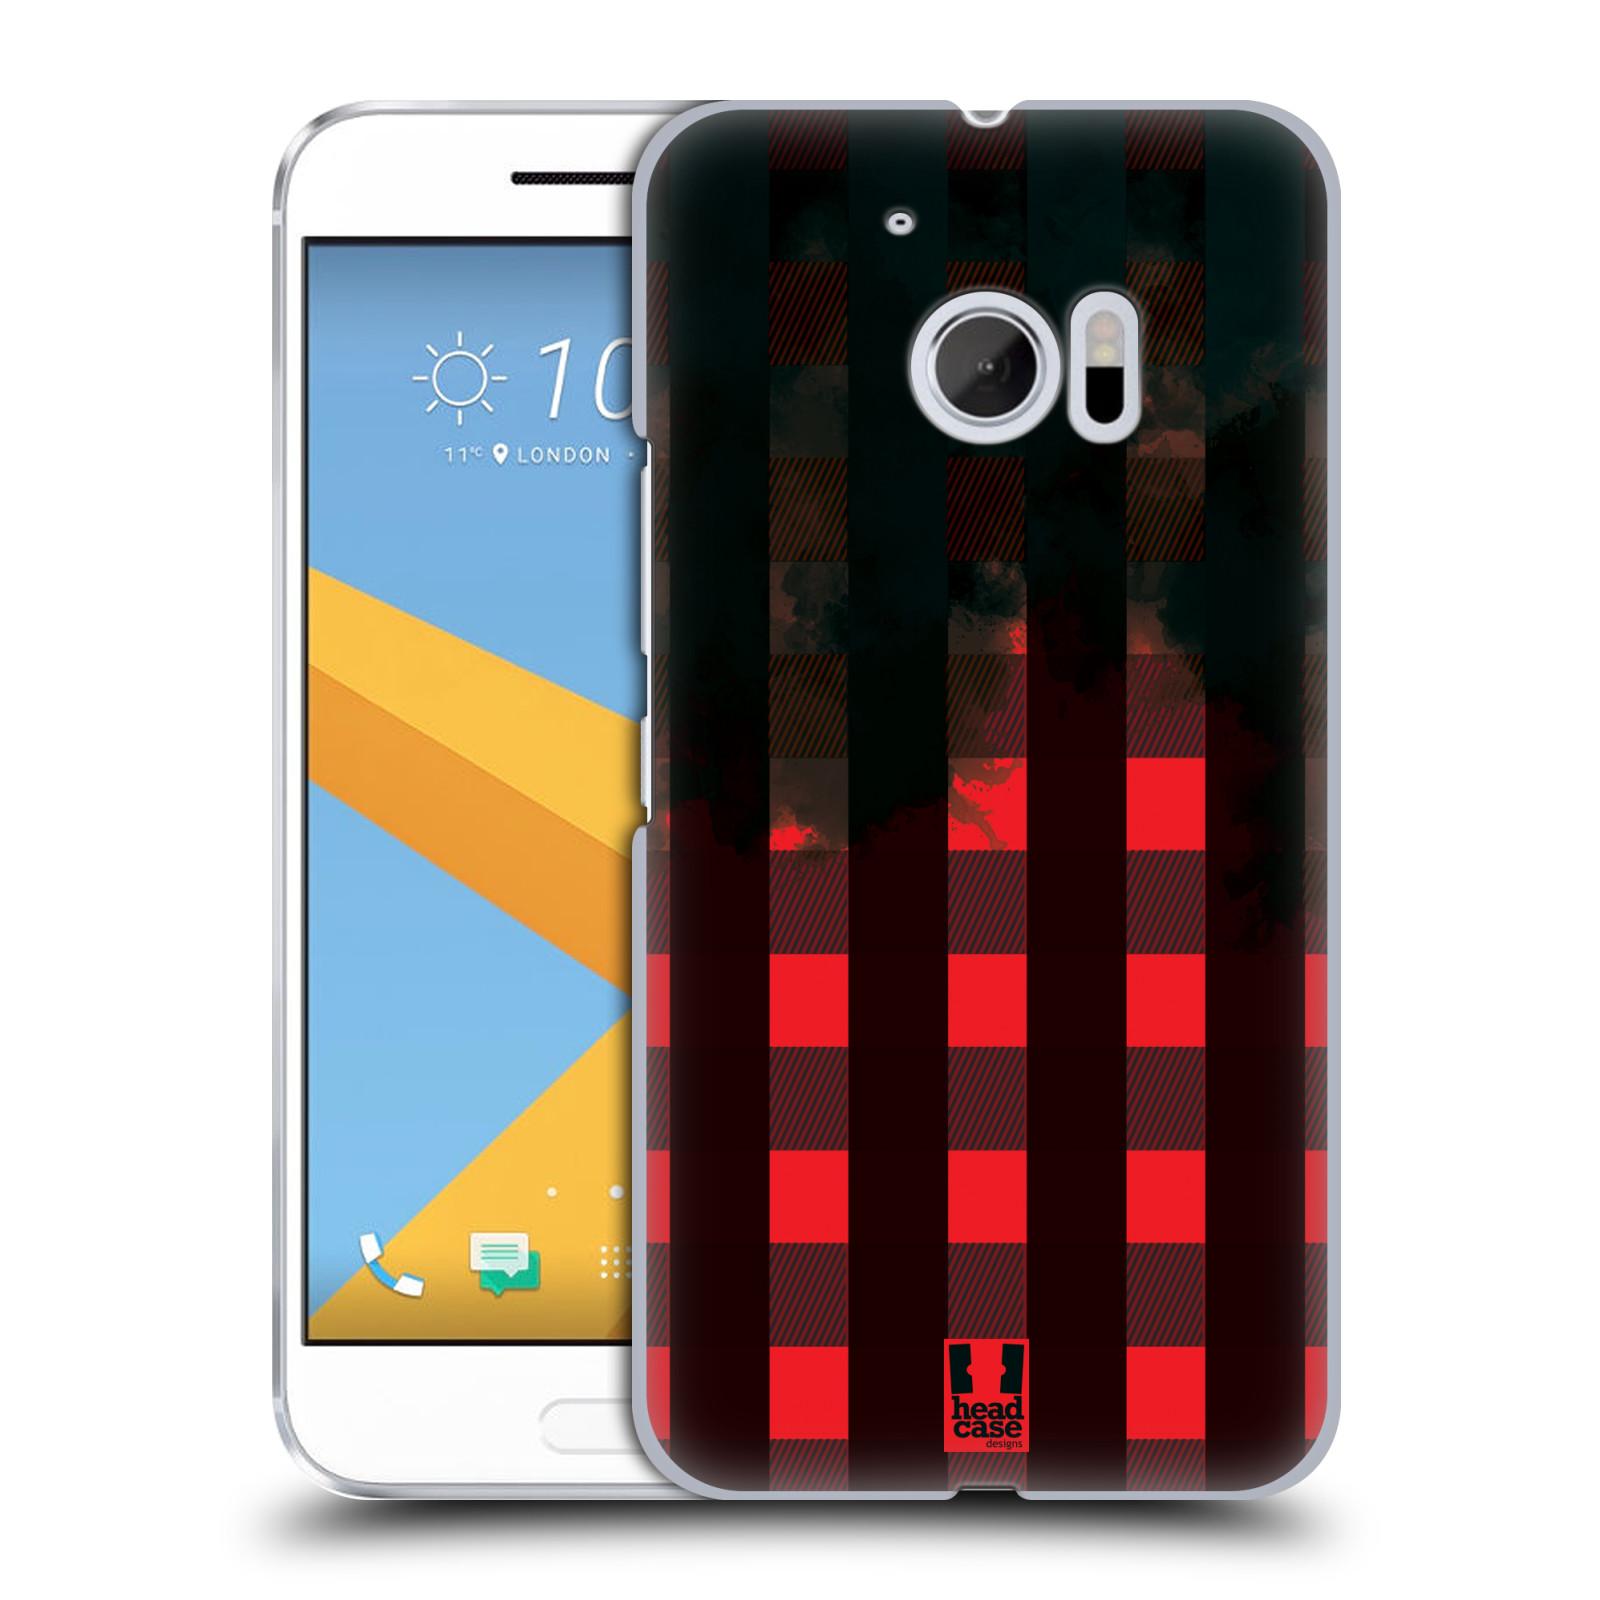 Plastové pouzdro na mobil HTC One 10 - Head Case - FLANEL RED BLACK (Plastový kryt či obal na mobilní telefon HTC One 10 (M10))